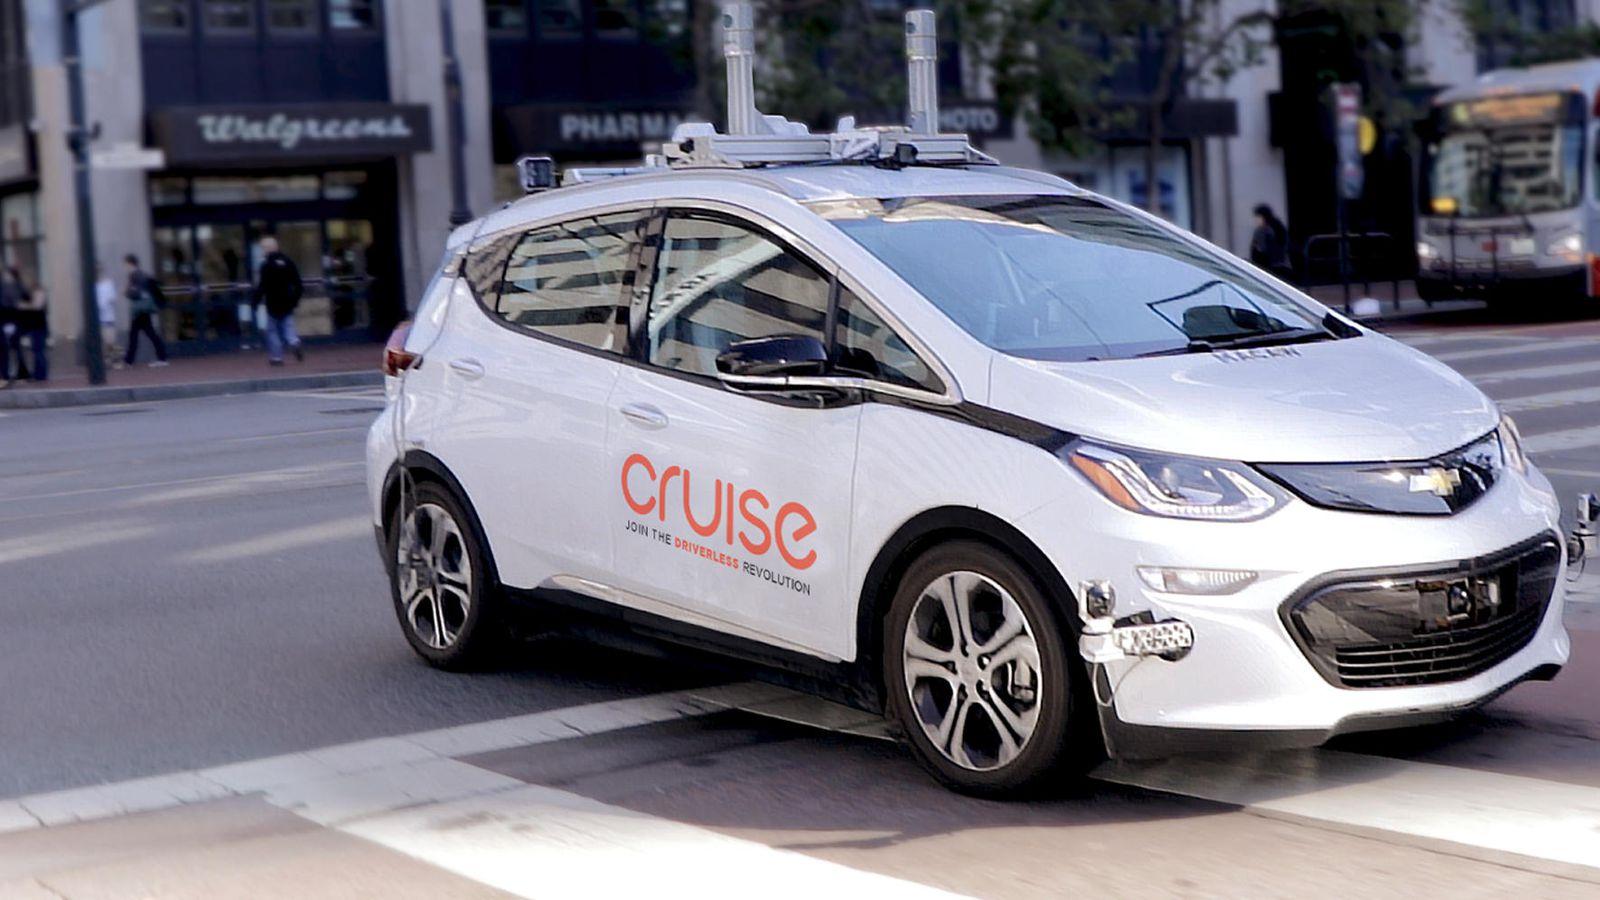 В Сан-Франциско жители нападают на самоуправляемые автомобили, за январь зафиксированы два инцидента